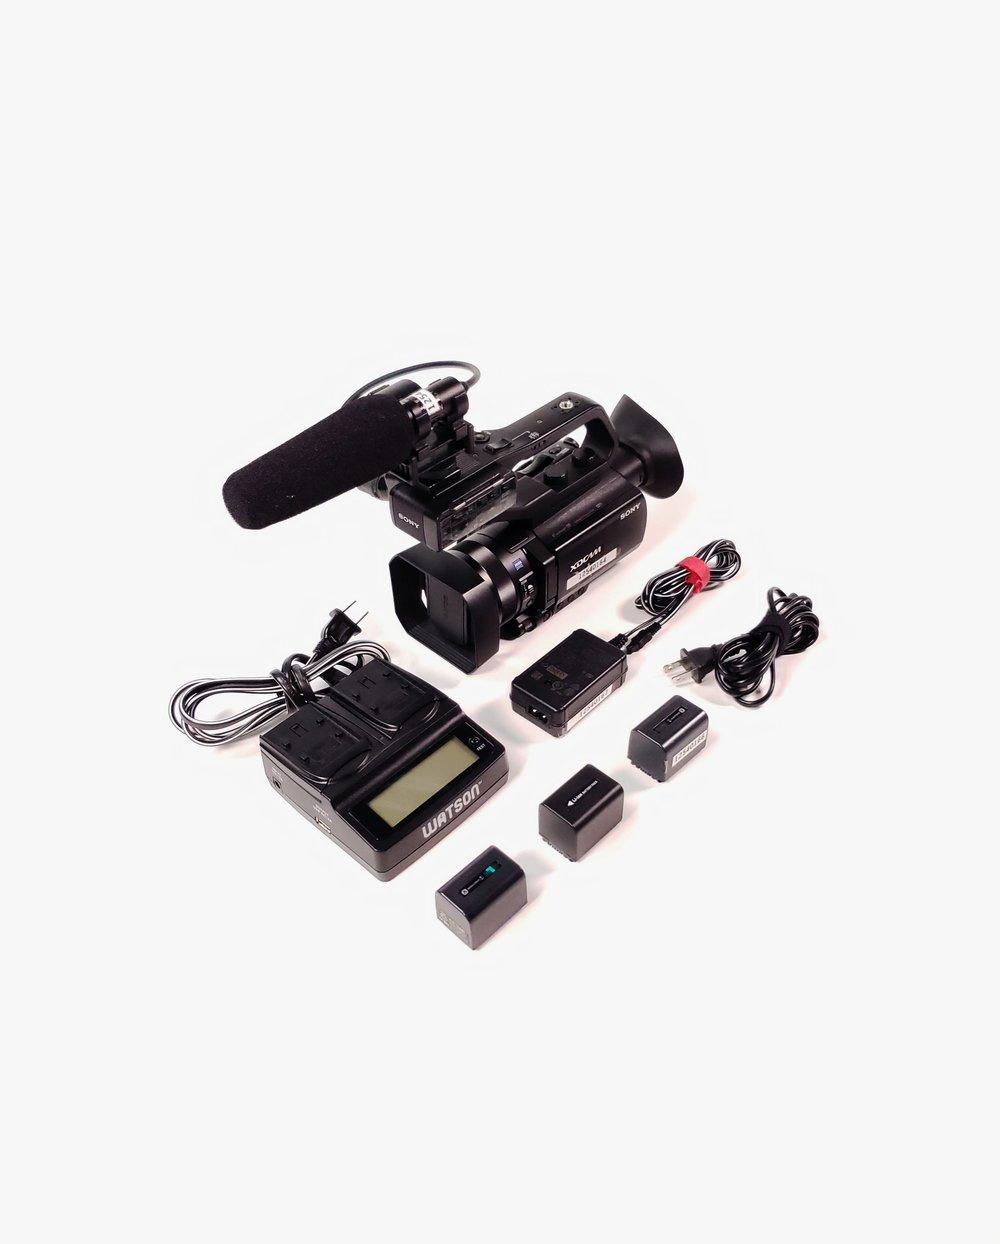 BLUE Camera Kit